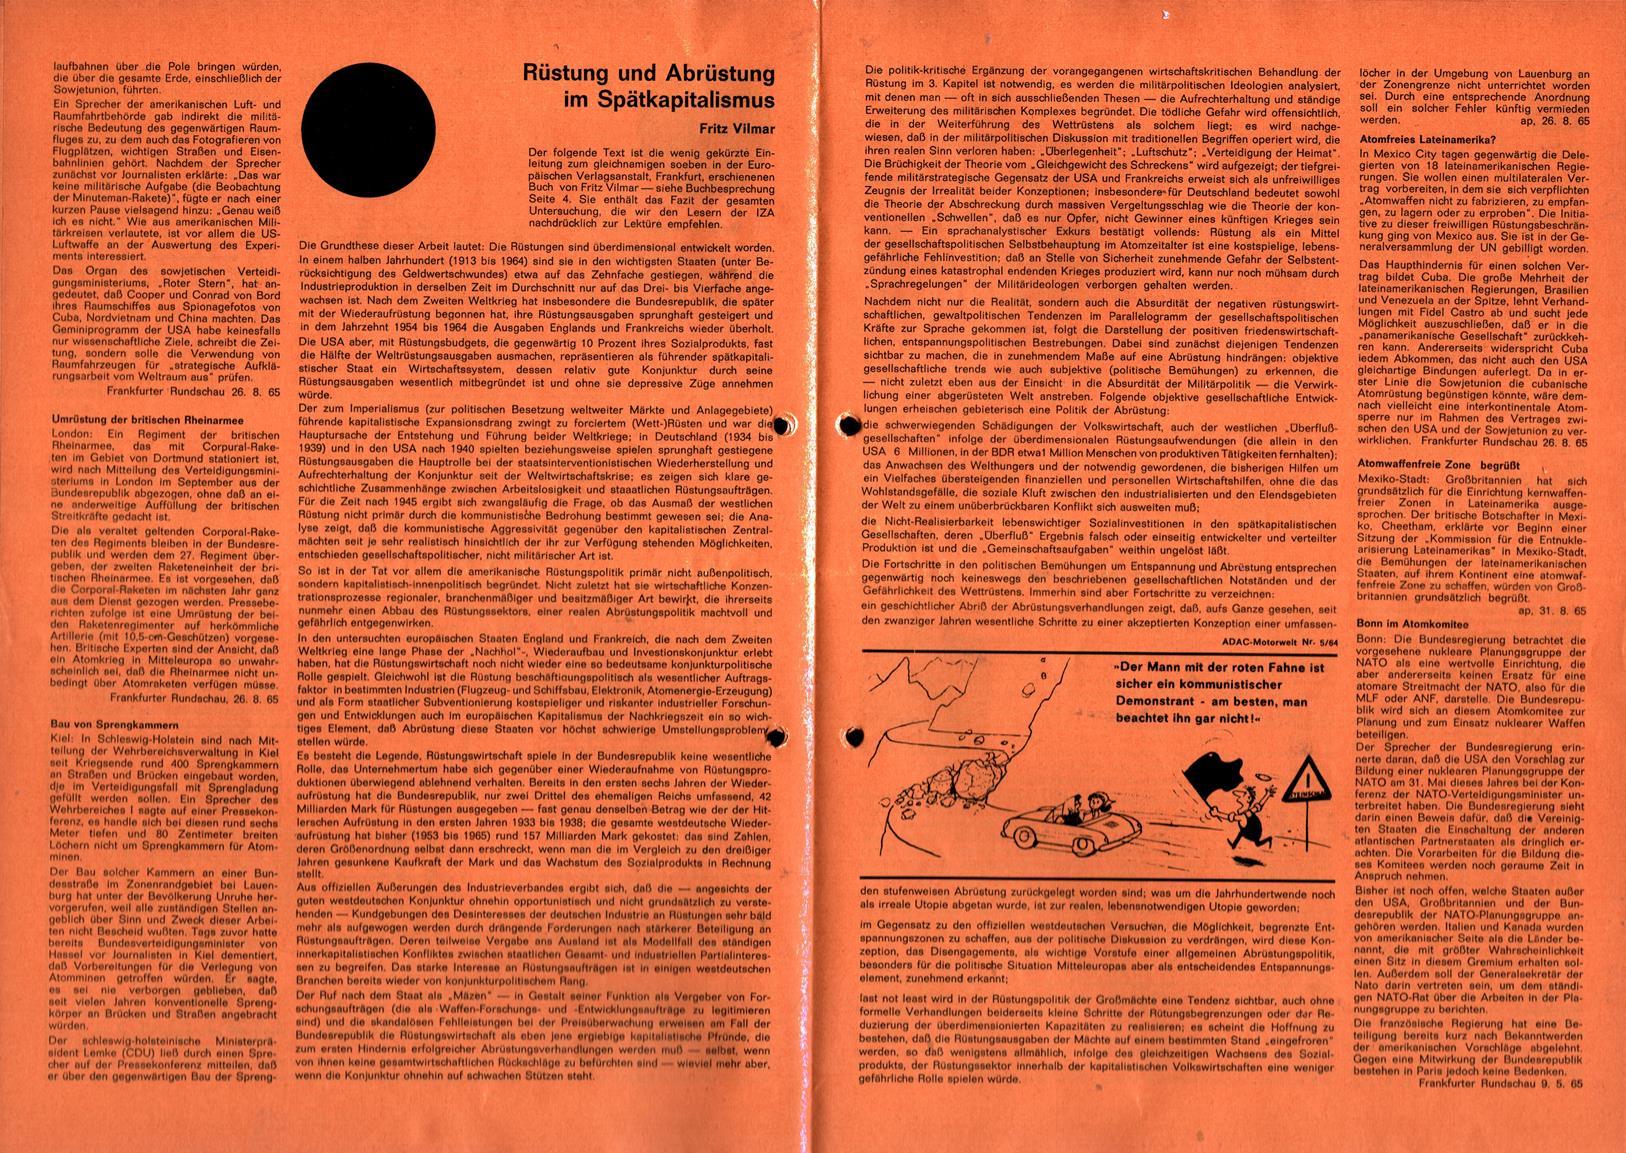 Infos_zur_Abruestung_1965_026_004